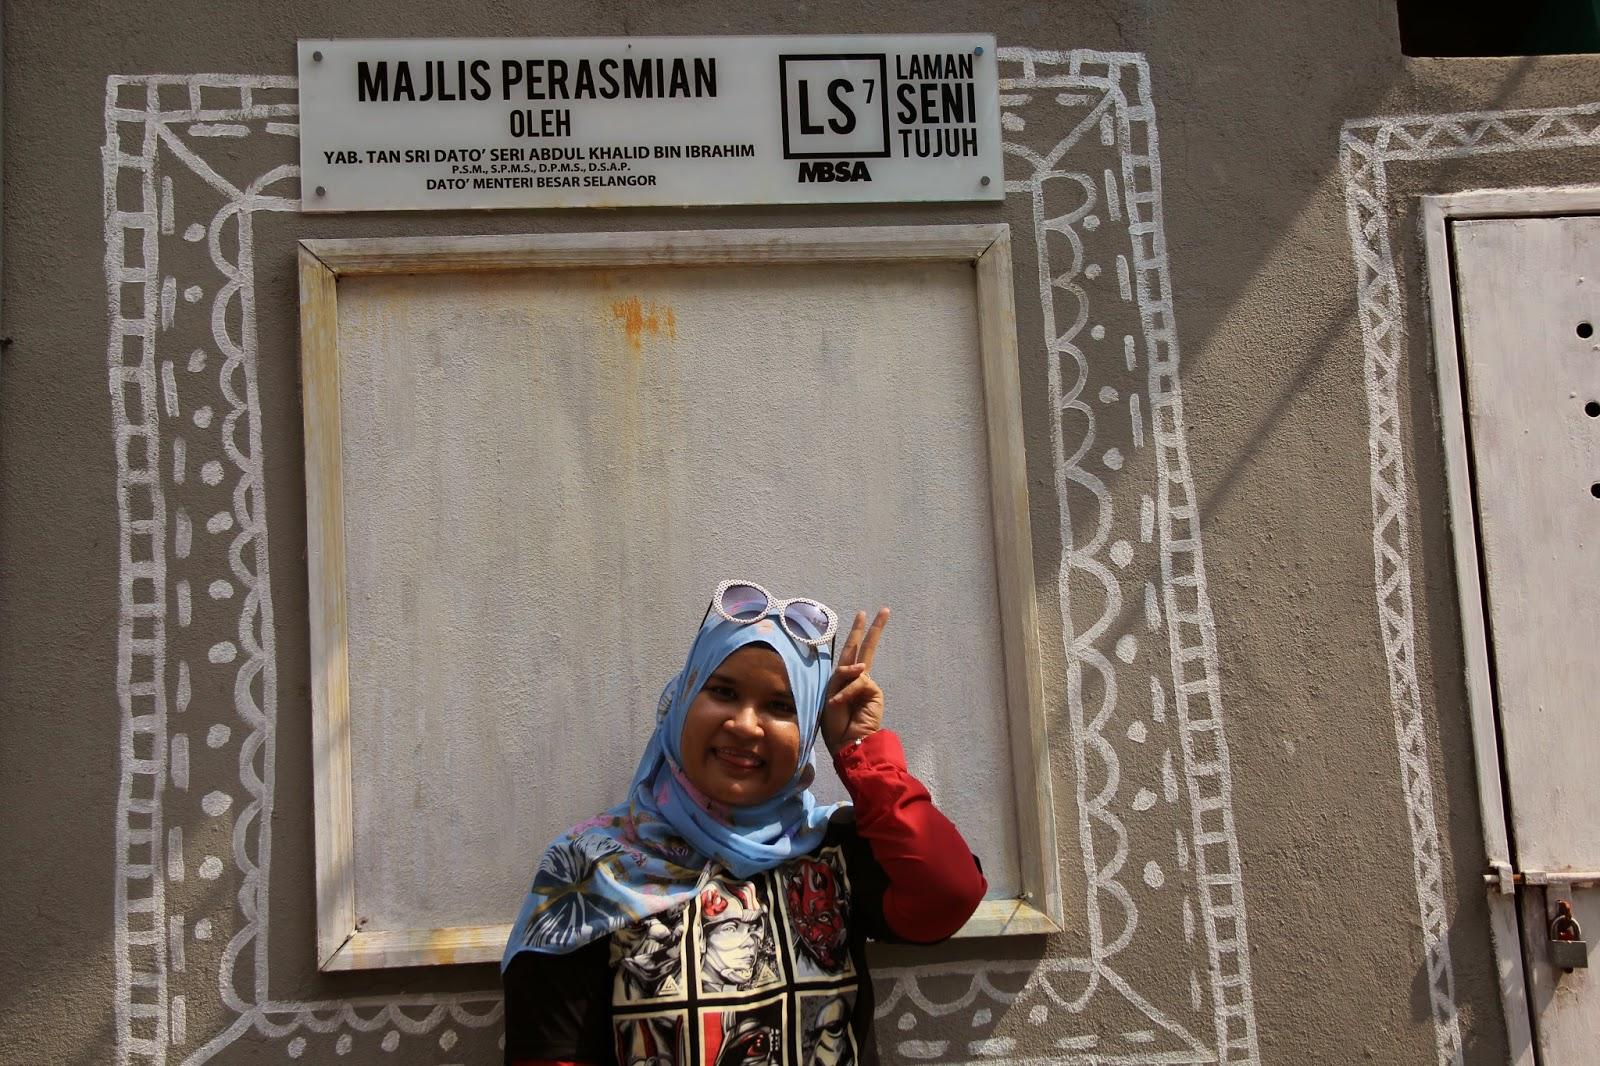 Lorongbelakang Laman Seni Seksyen 7 Shah Alam